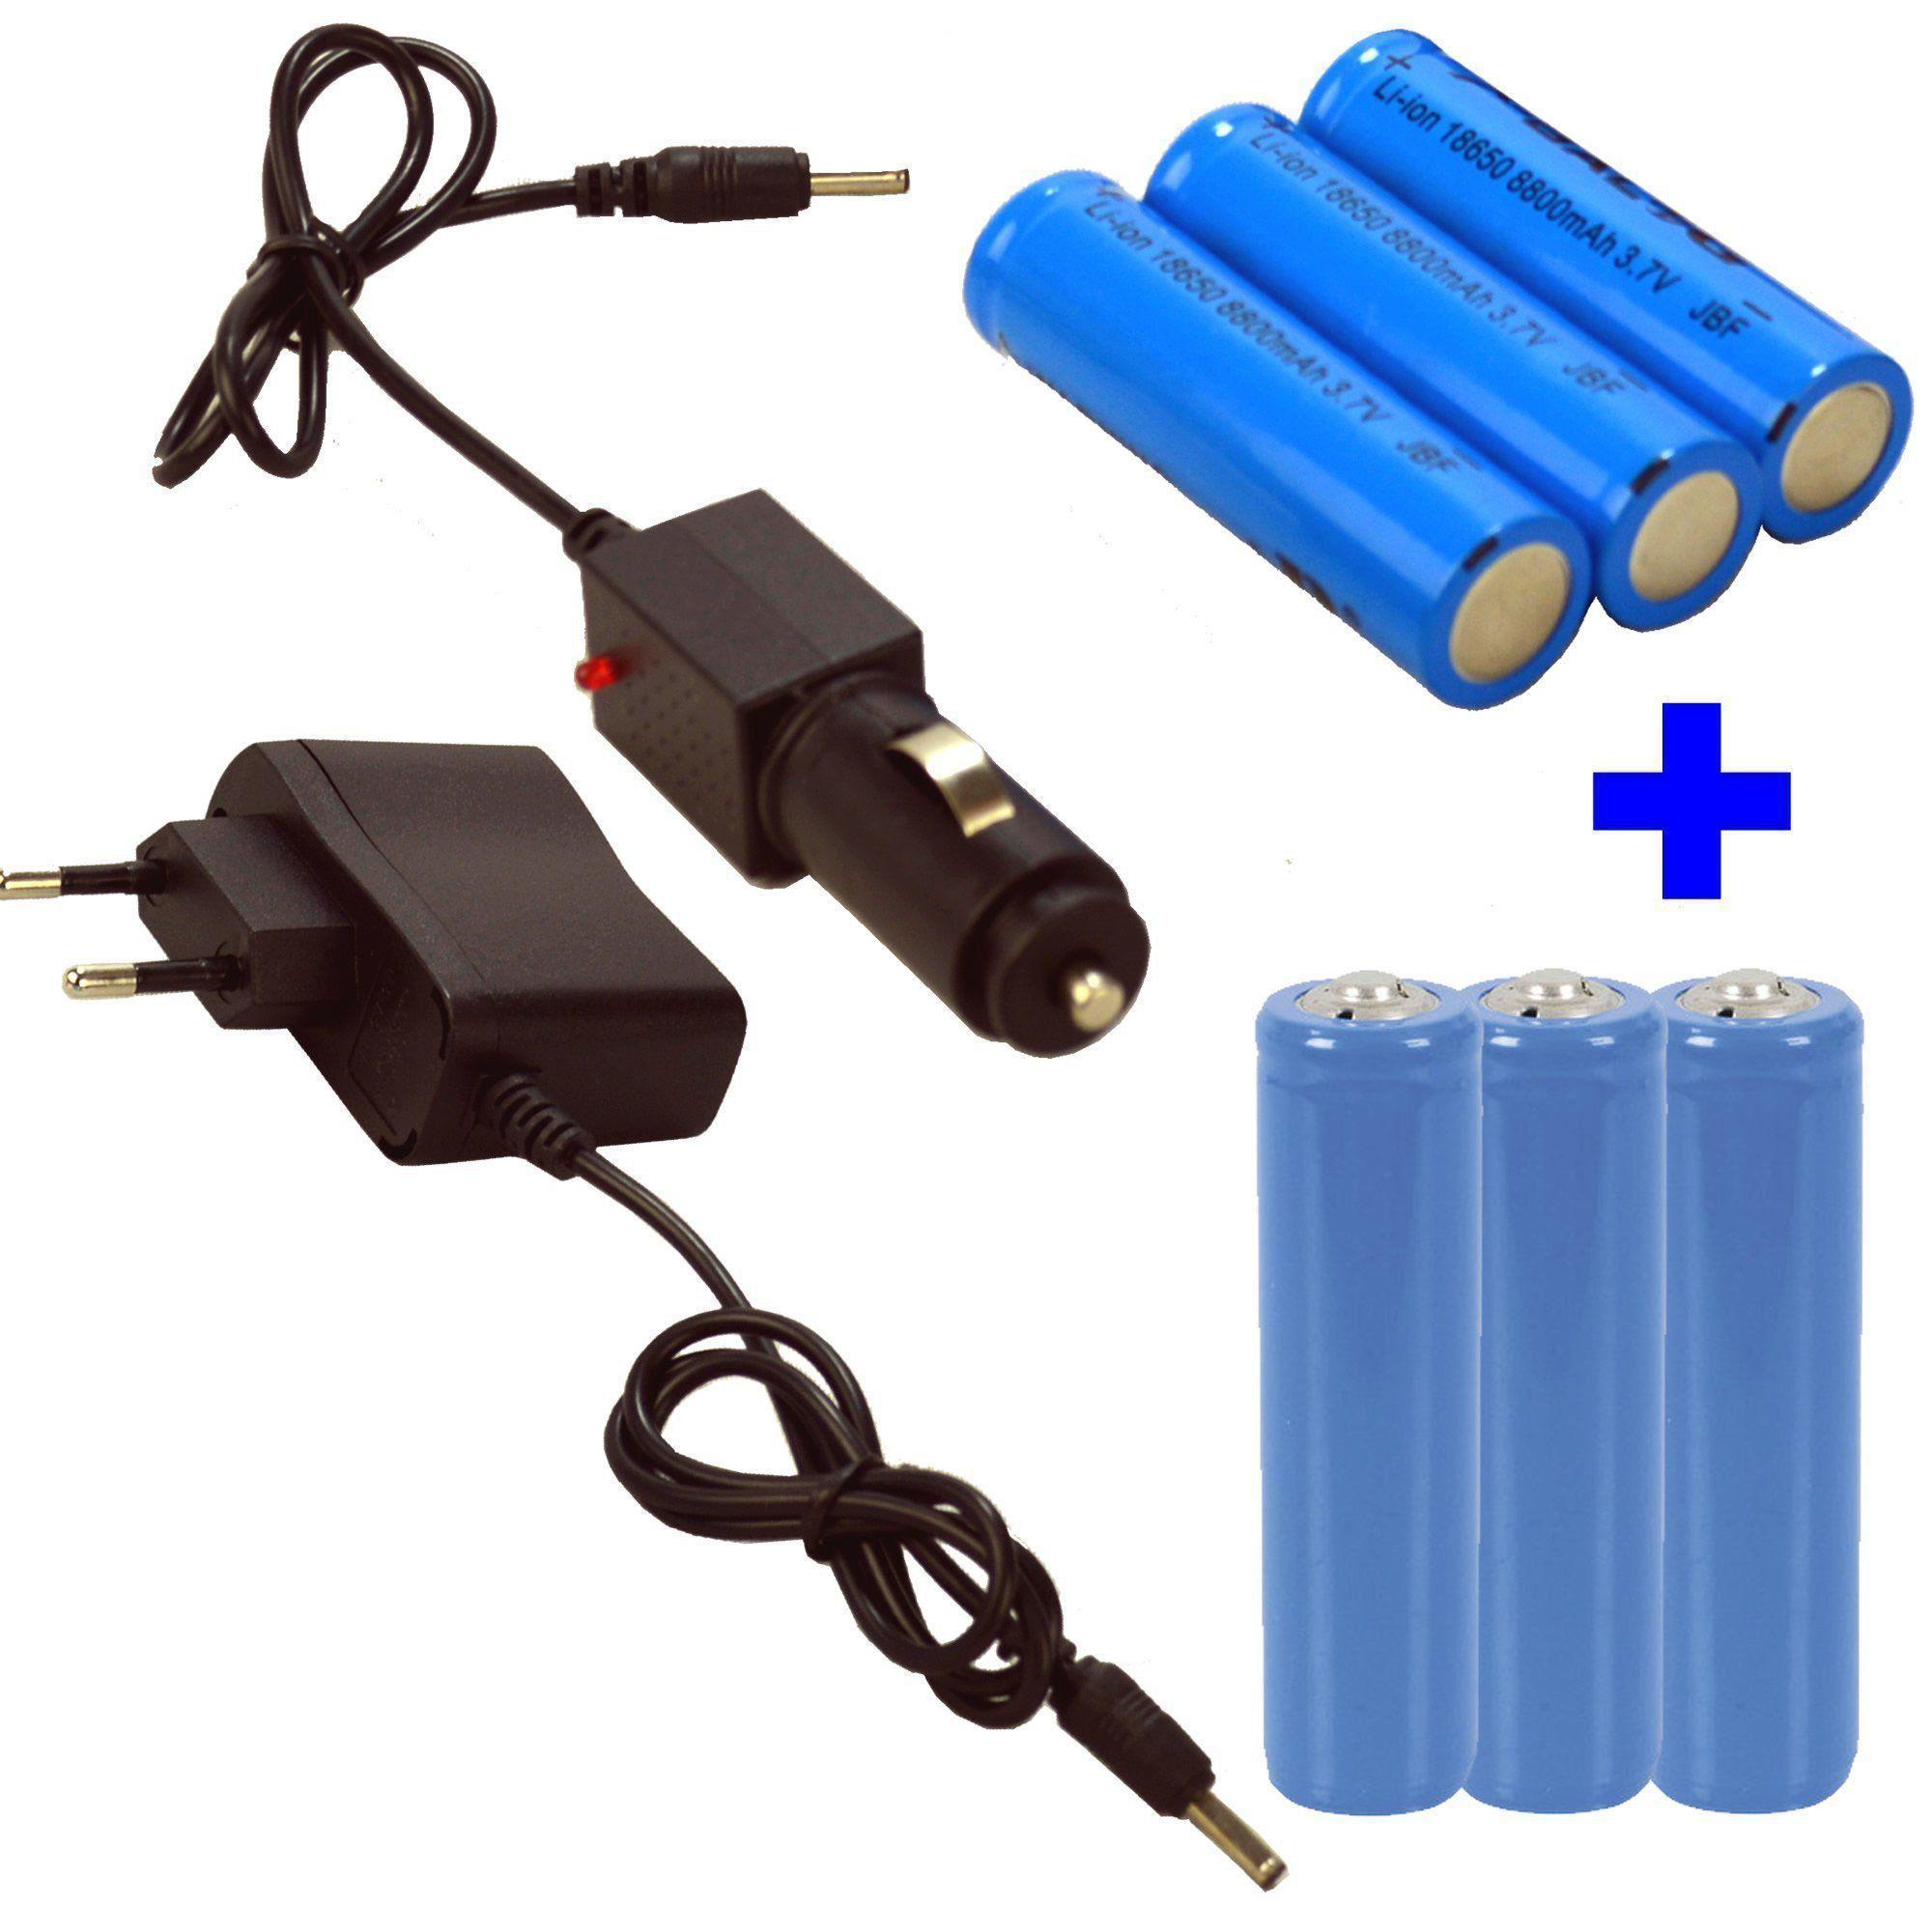 Lanterna LED Cree T6 tática Recarregável forte Preto  6 pilhas CBRN05611